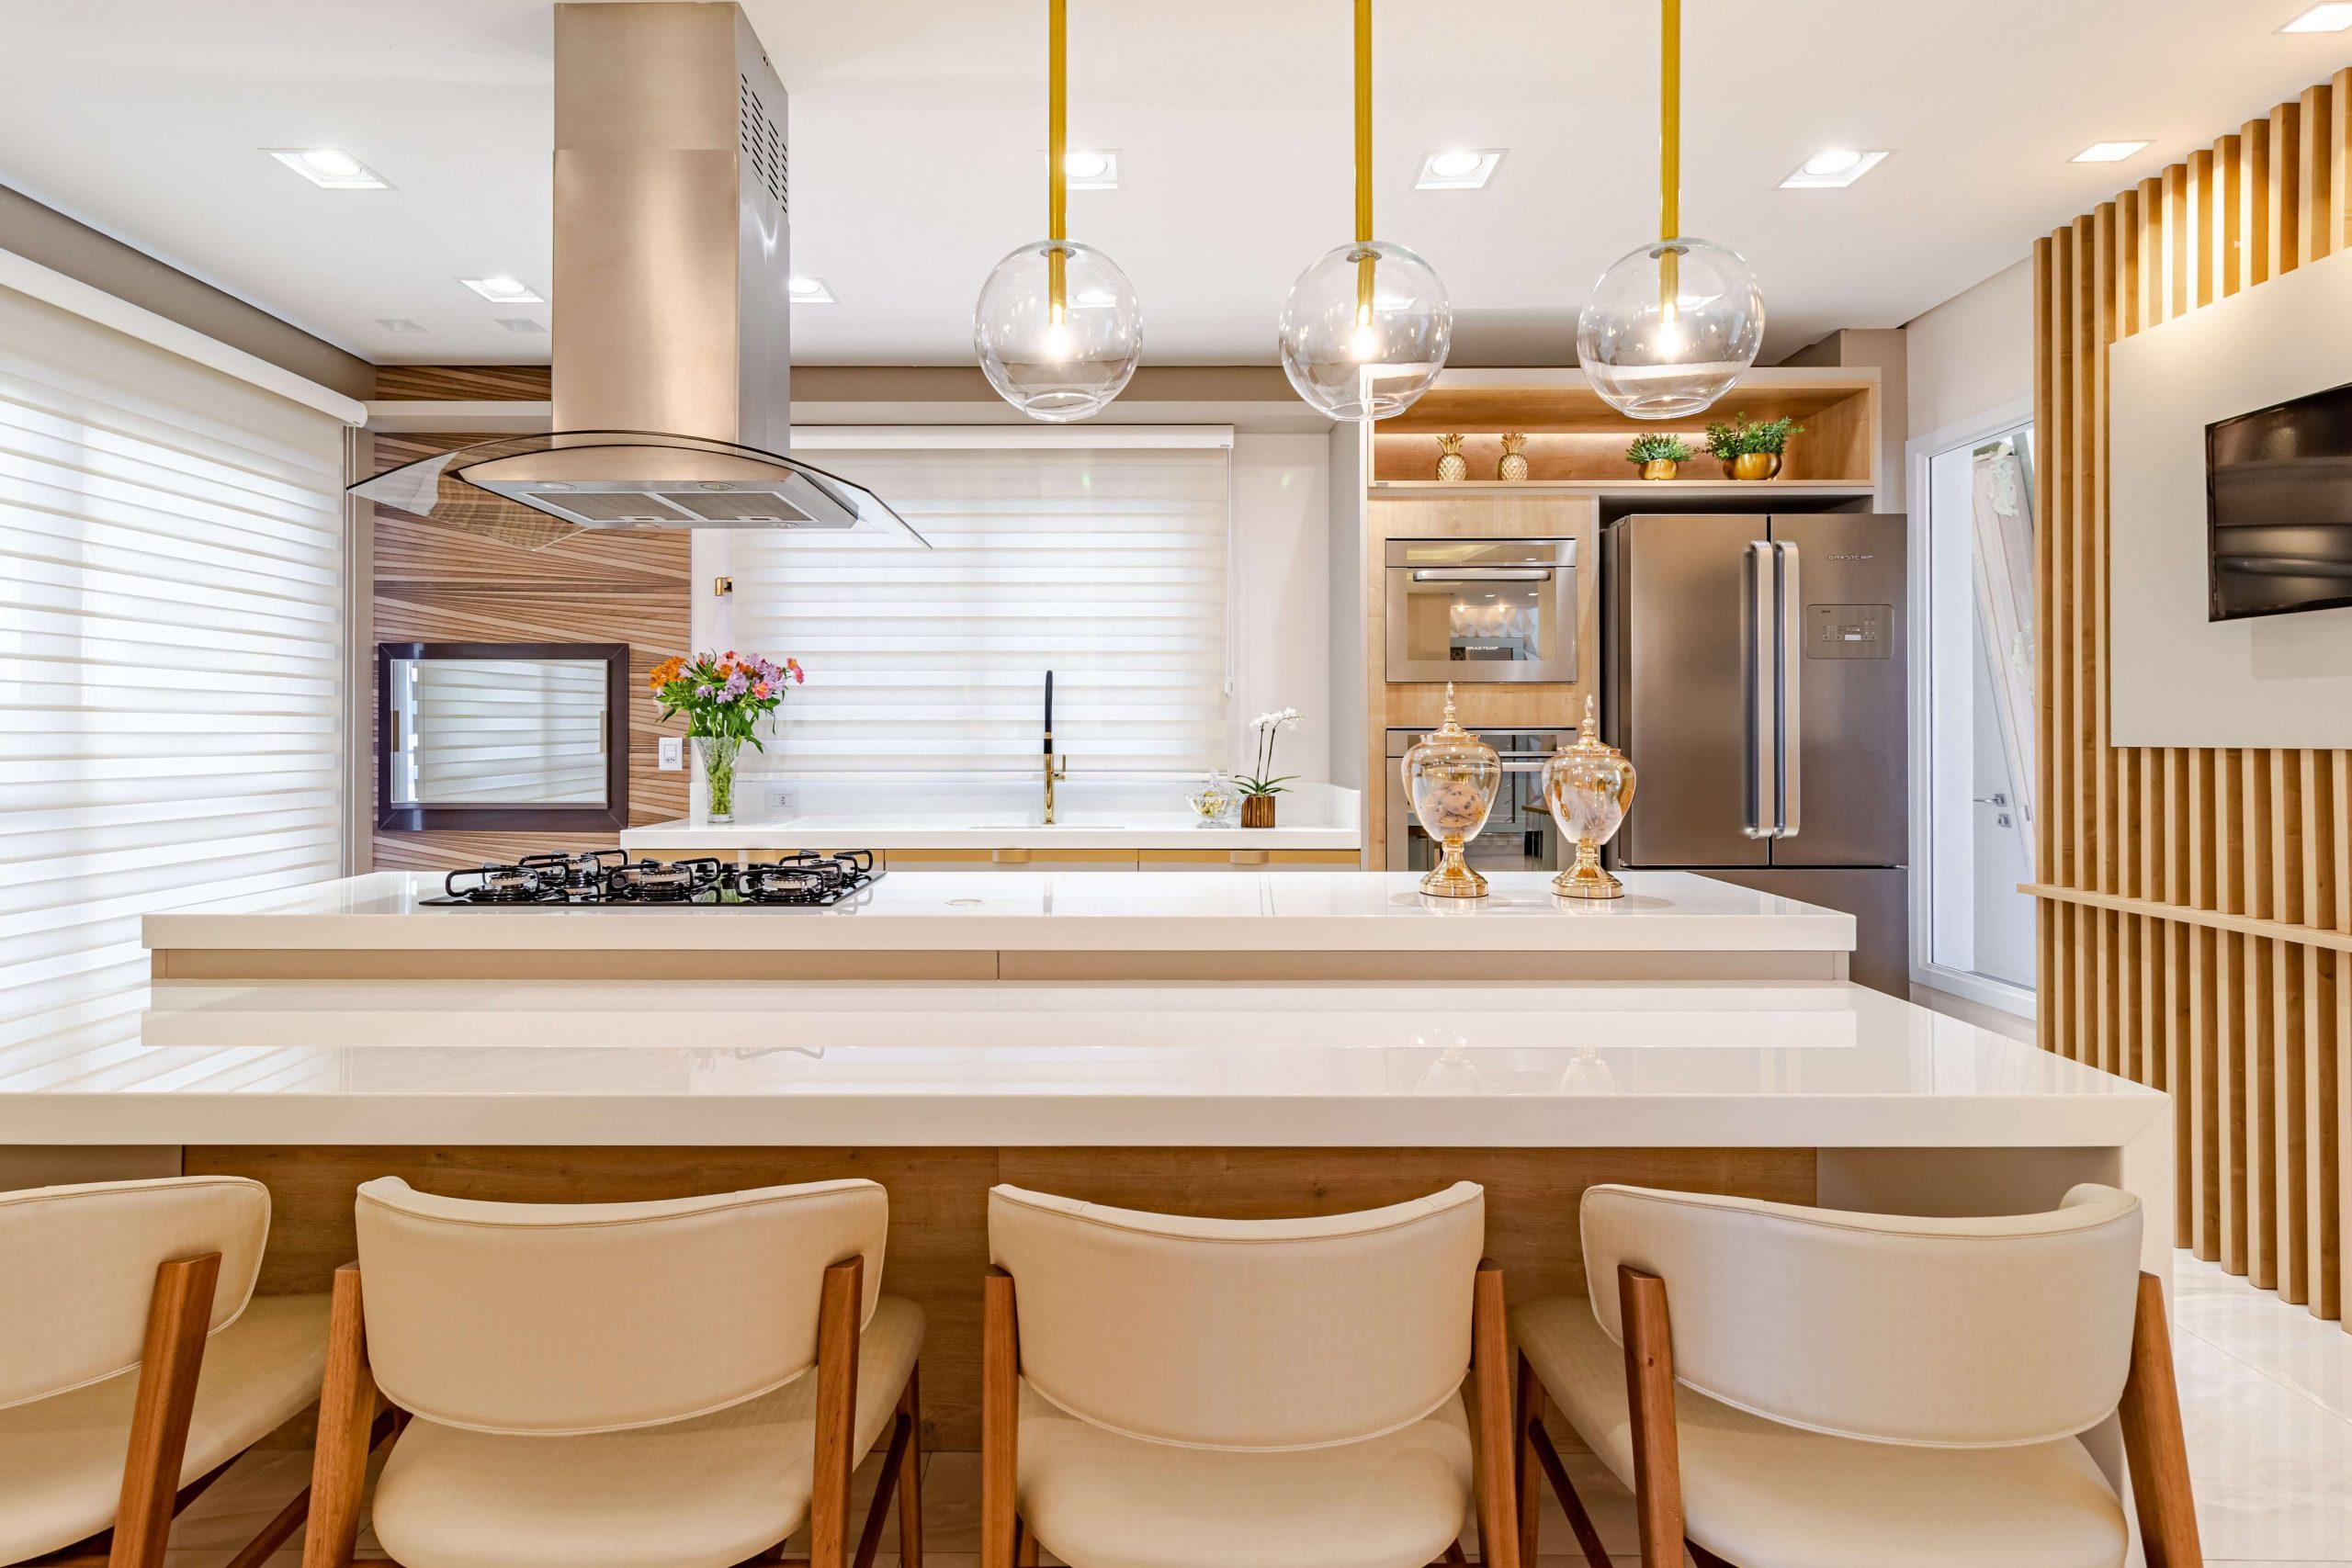 Cozinha planejada luxo com ilha  moveis personalizadas dia das maes